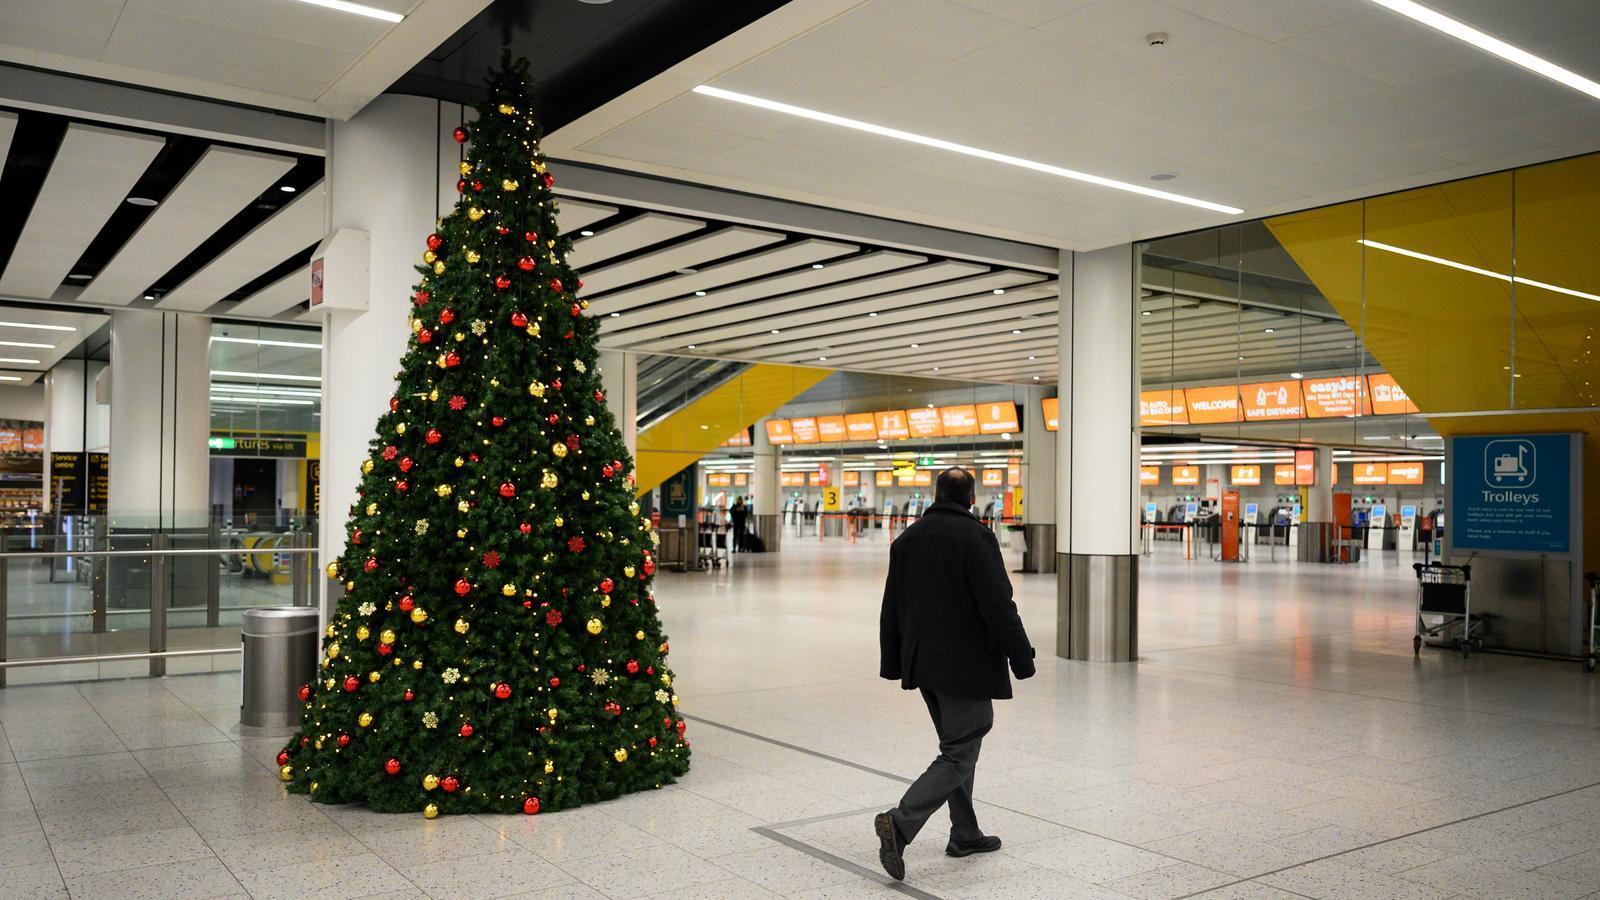 Una imatge de l'aeroport de Gatwick, l'únic de moment del Regne Unit que proporcionarà properament proves pera als passatgers que es desplacin a destins amb l'obligatorietat de presentar-los a l'arribada